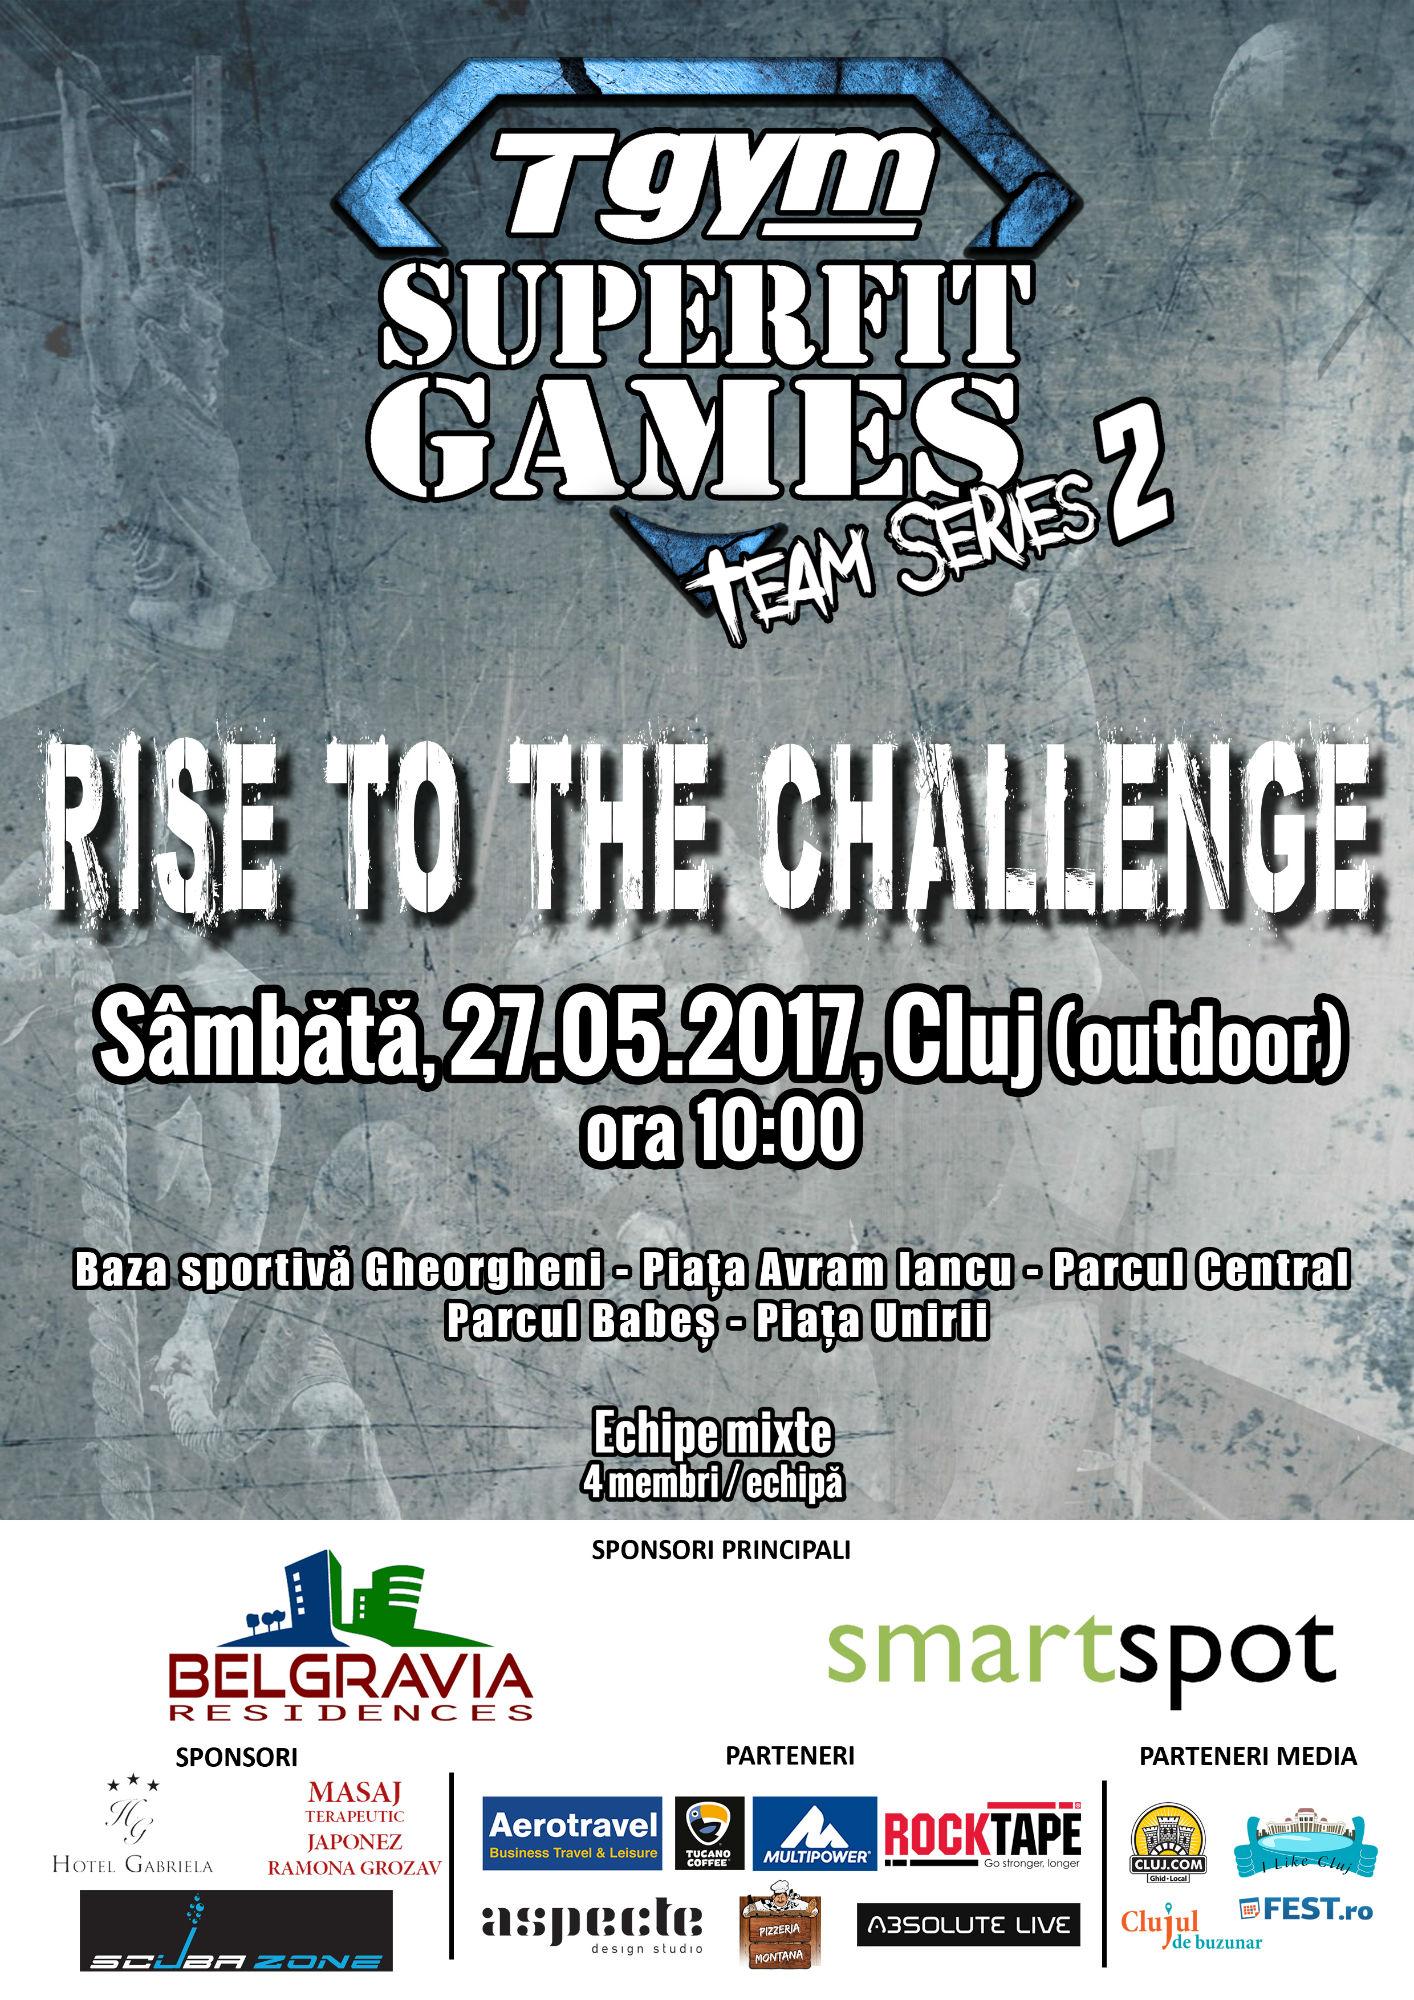 T Gym SuperFit Games Team Series 2: 100 de tineri întâmpină vara în cea mai spectaculoasă competiție sportiva din Transilvania